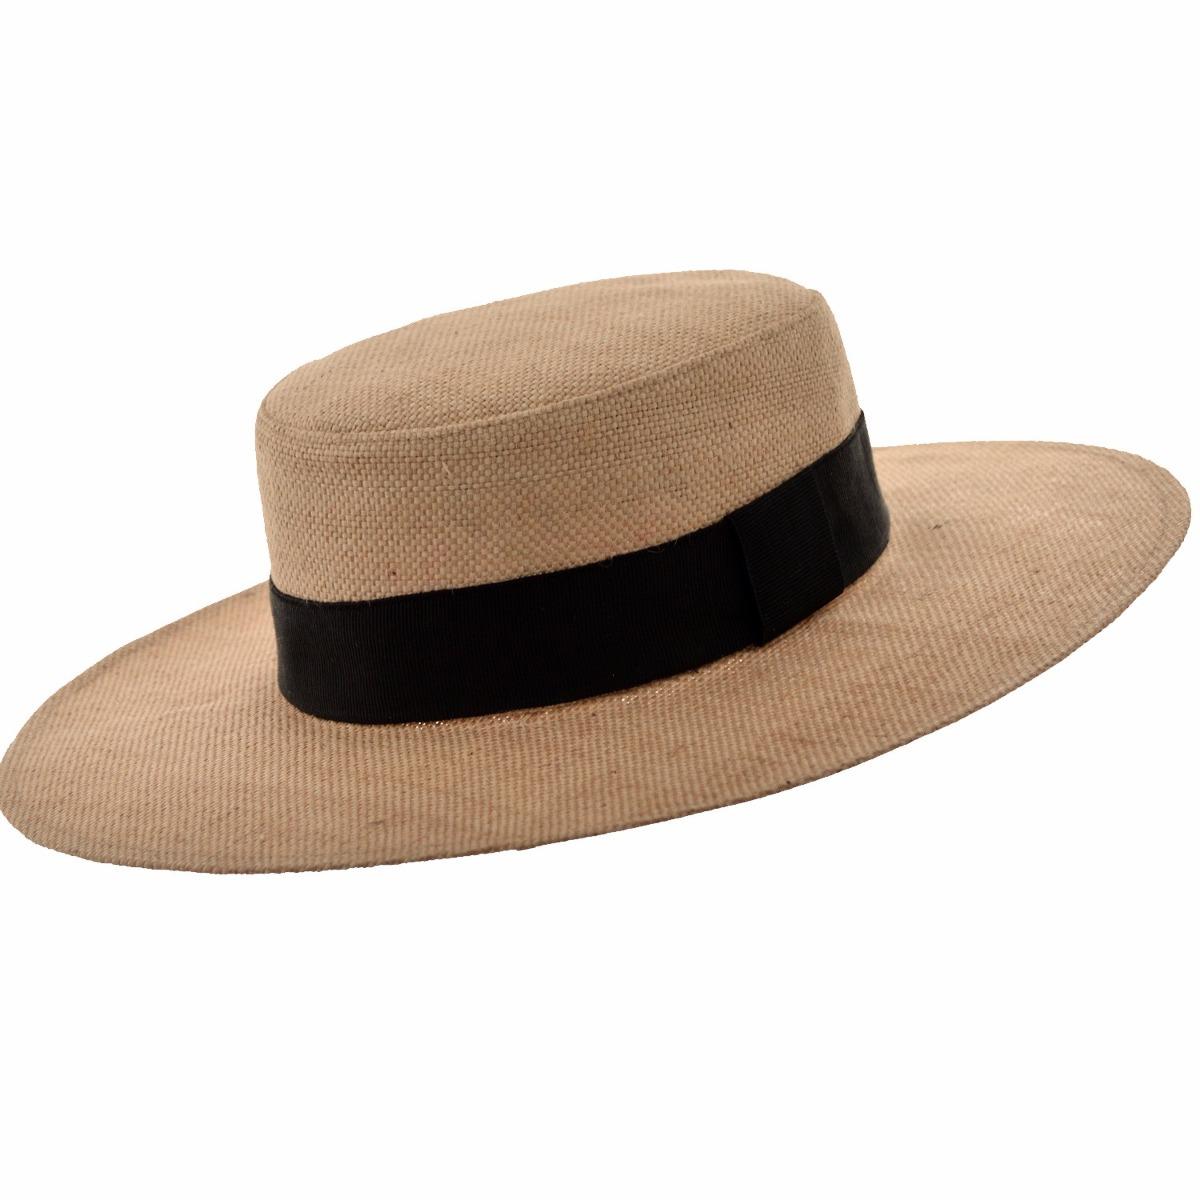 sombrero hacienda rafia compañia de sombreros m733091. Cargando zoom. 893d6f1d2b9